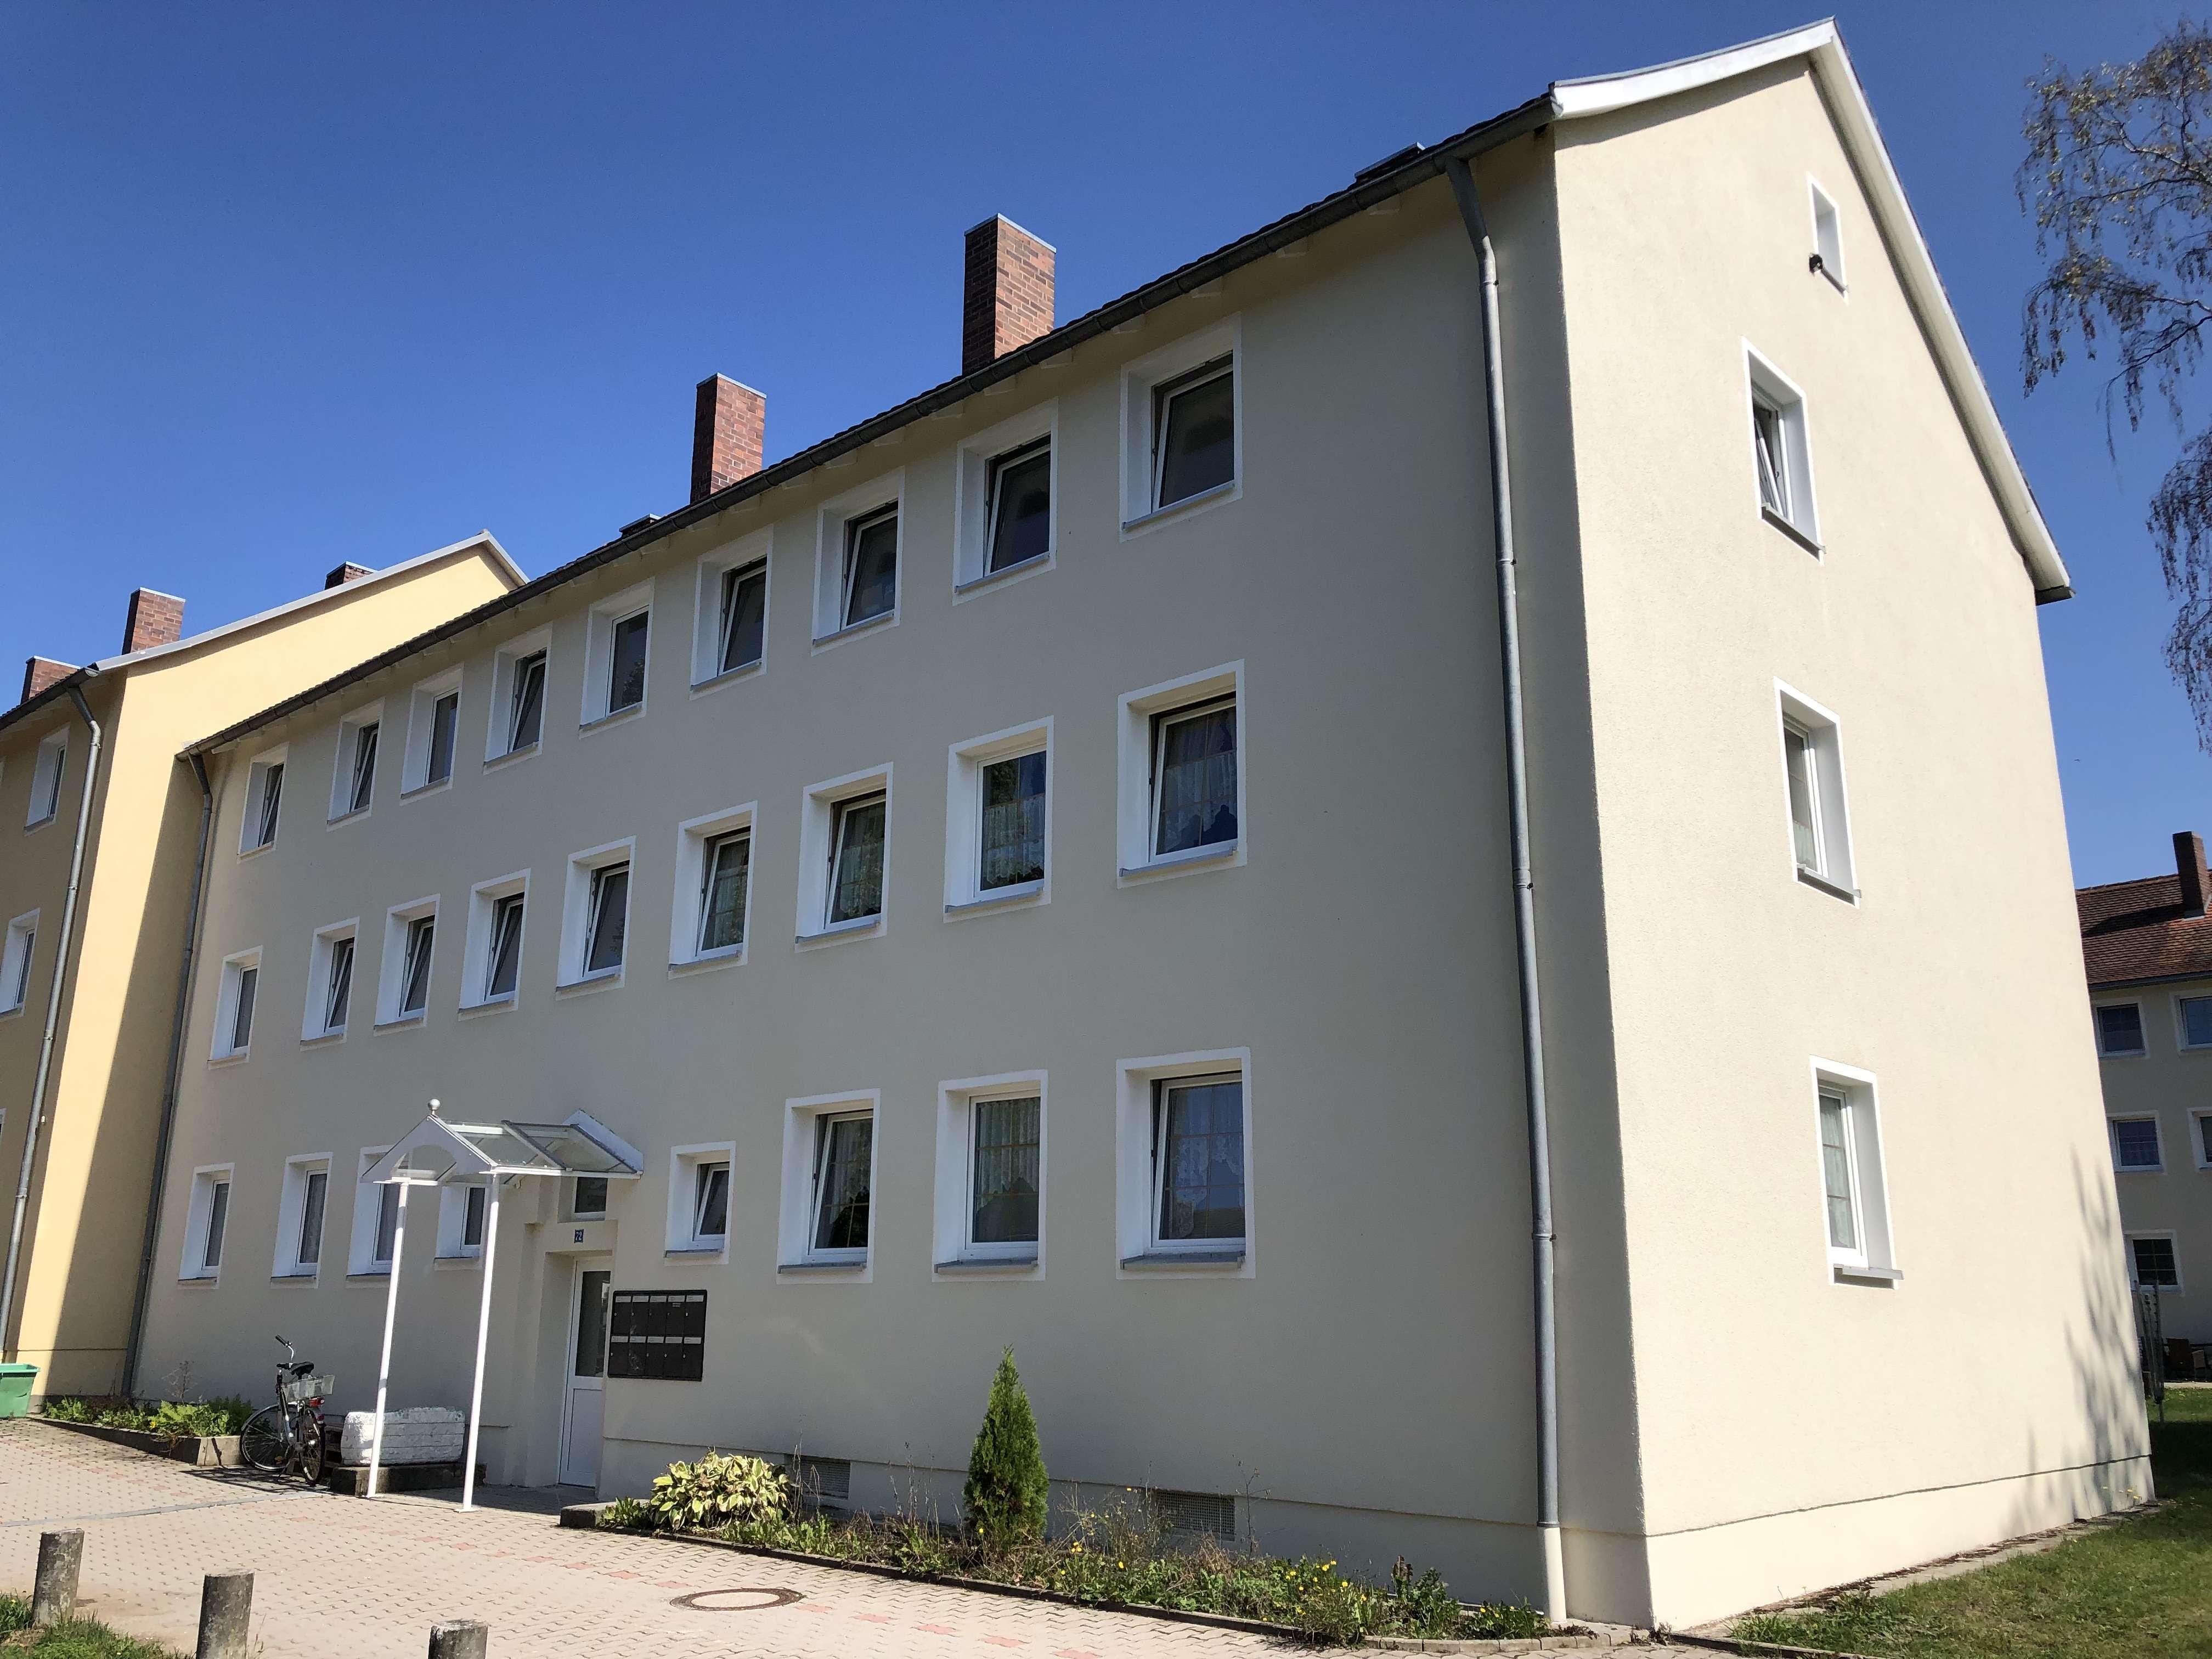 Erstbezug nach Sanierung ! Helle 3-Zimmerwohnung in Weidenberg ! in Weidenberg